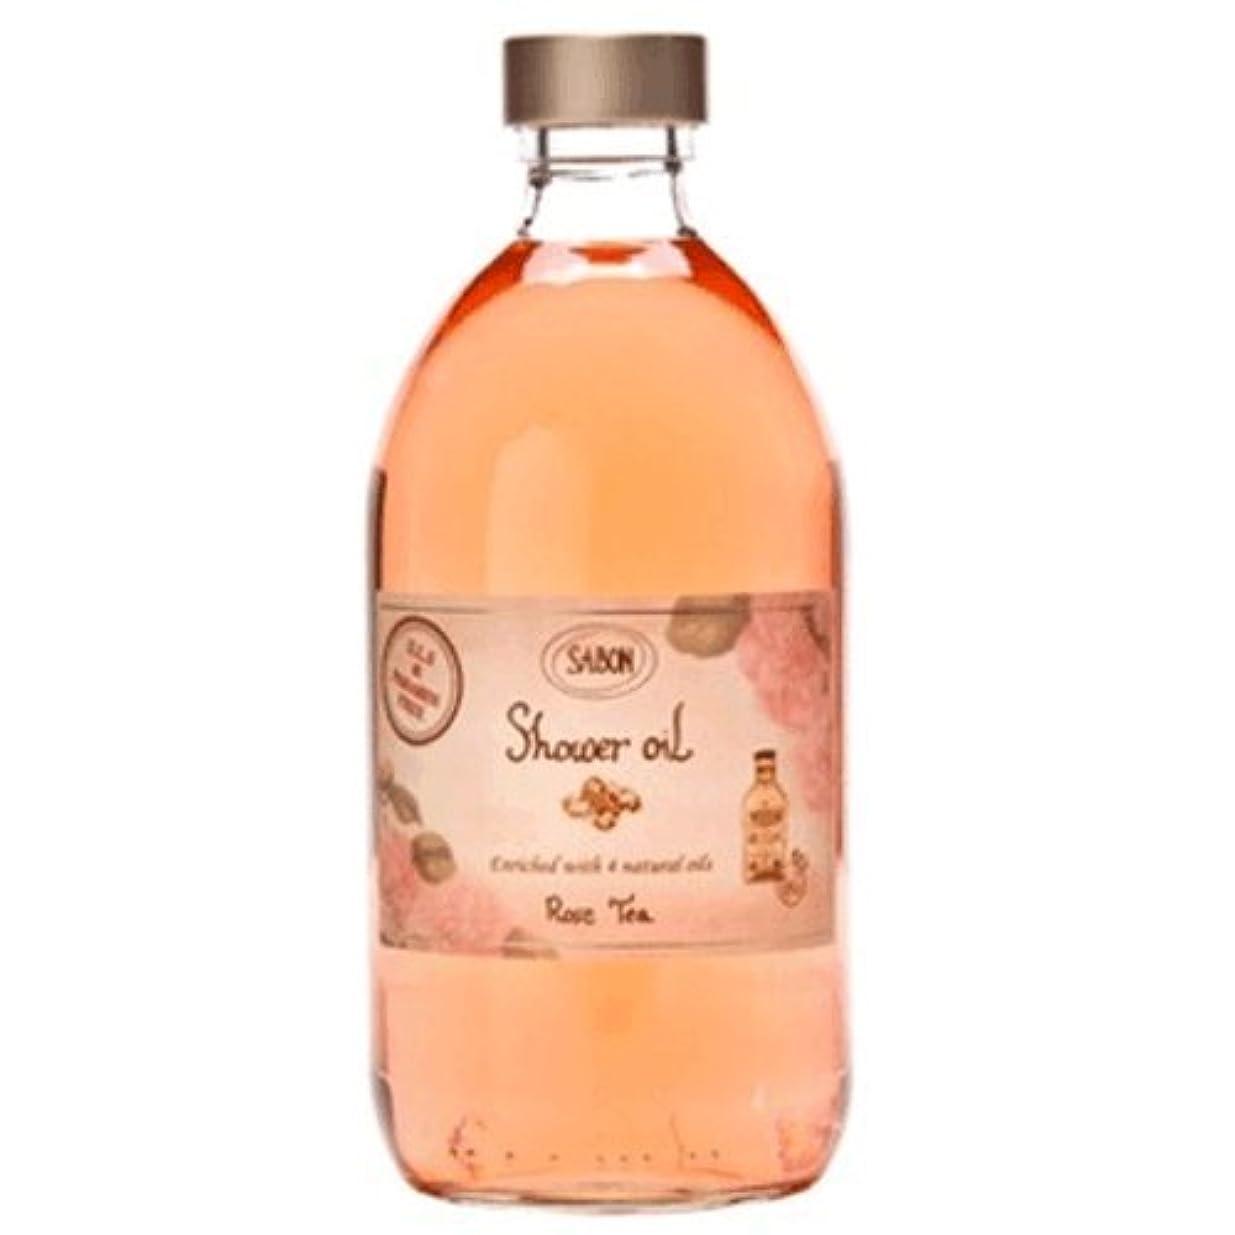 解説ほめる定期的に【サボン】シャワーオイル ローズティー(Rose Tea) ポンプ付き 500ml